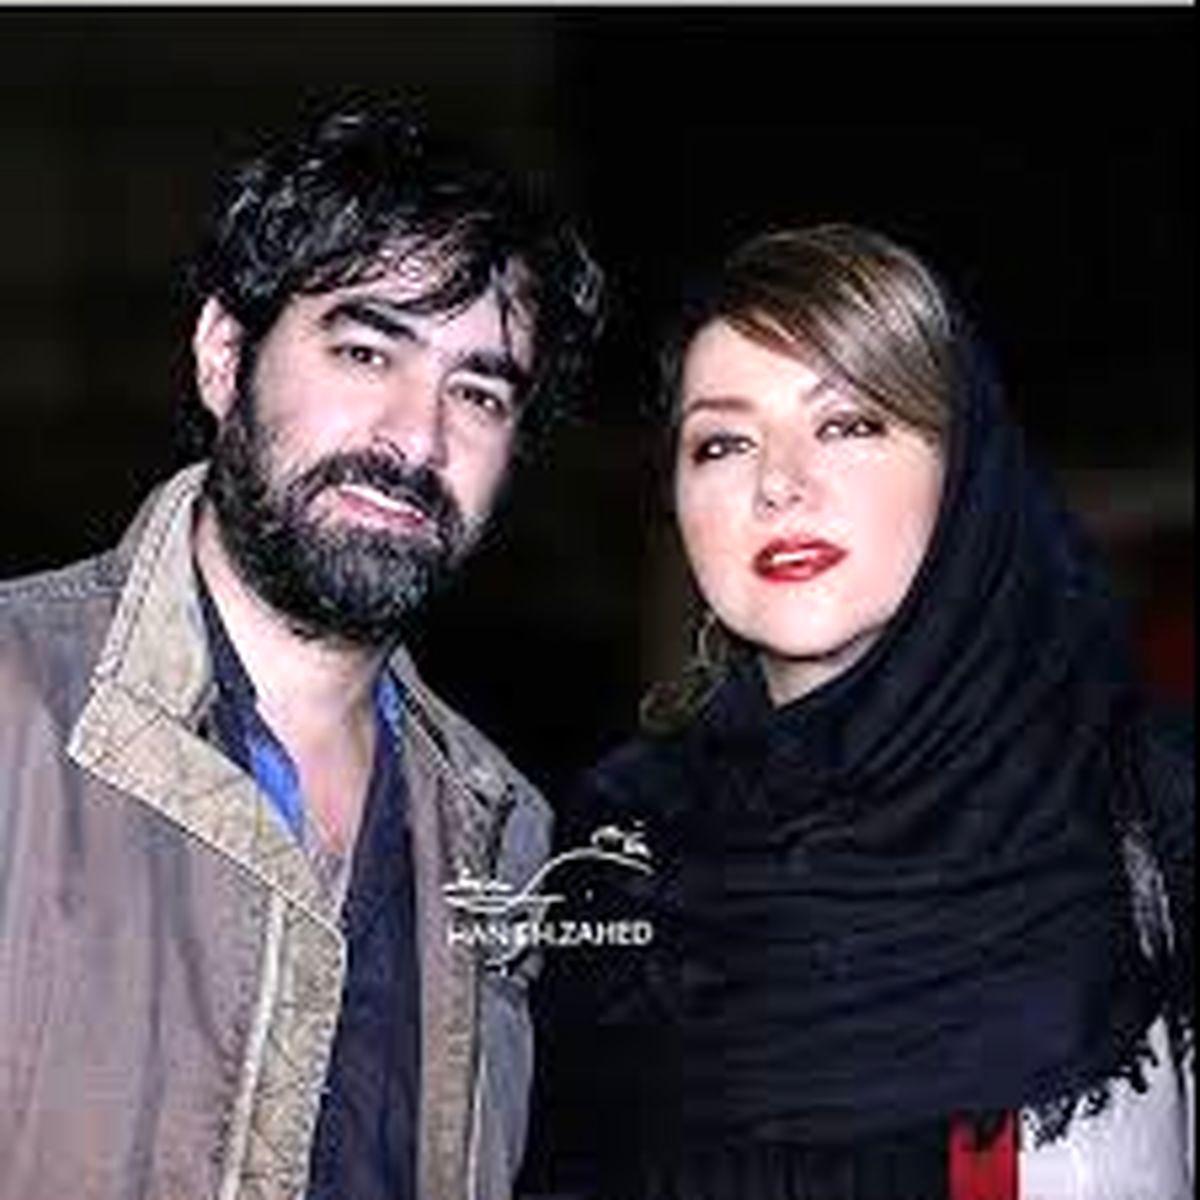 شایعه | طلاق شهاب حسینی از همسرش علنی شد + عکس و بیوگرافی